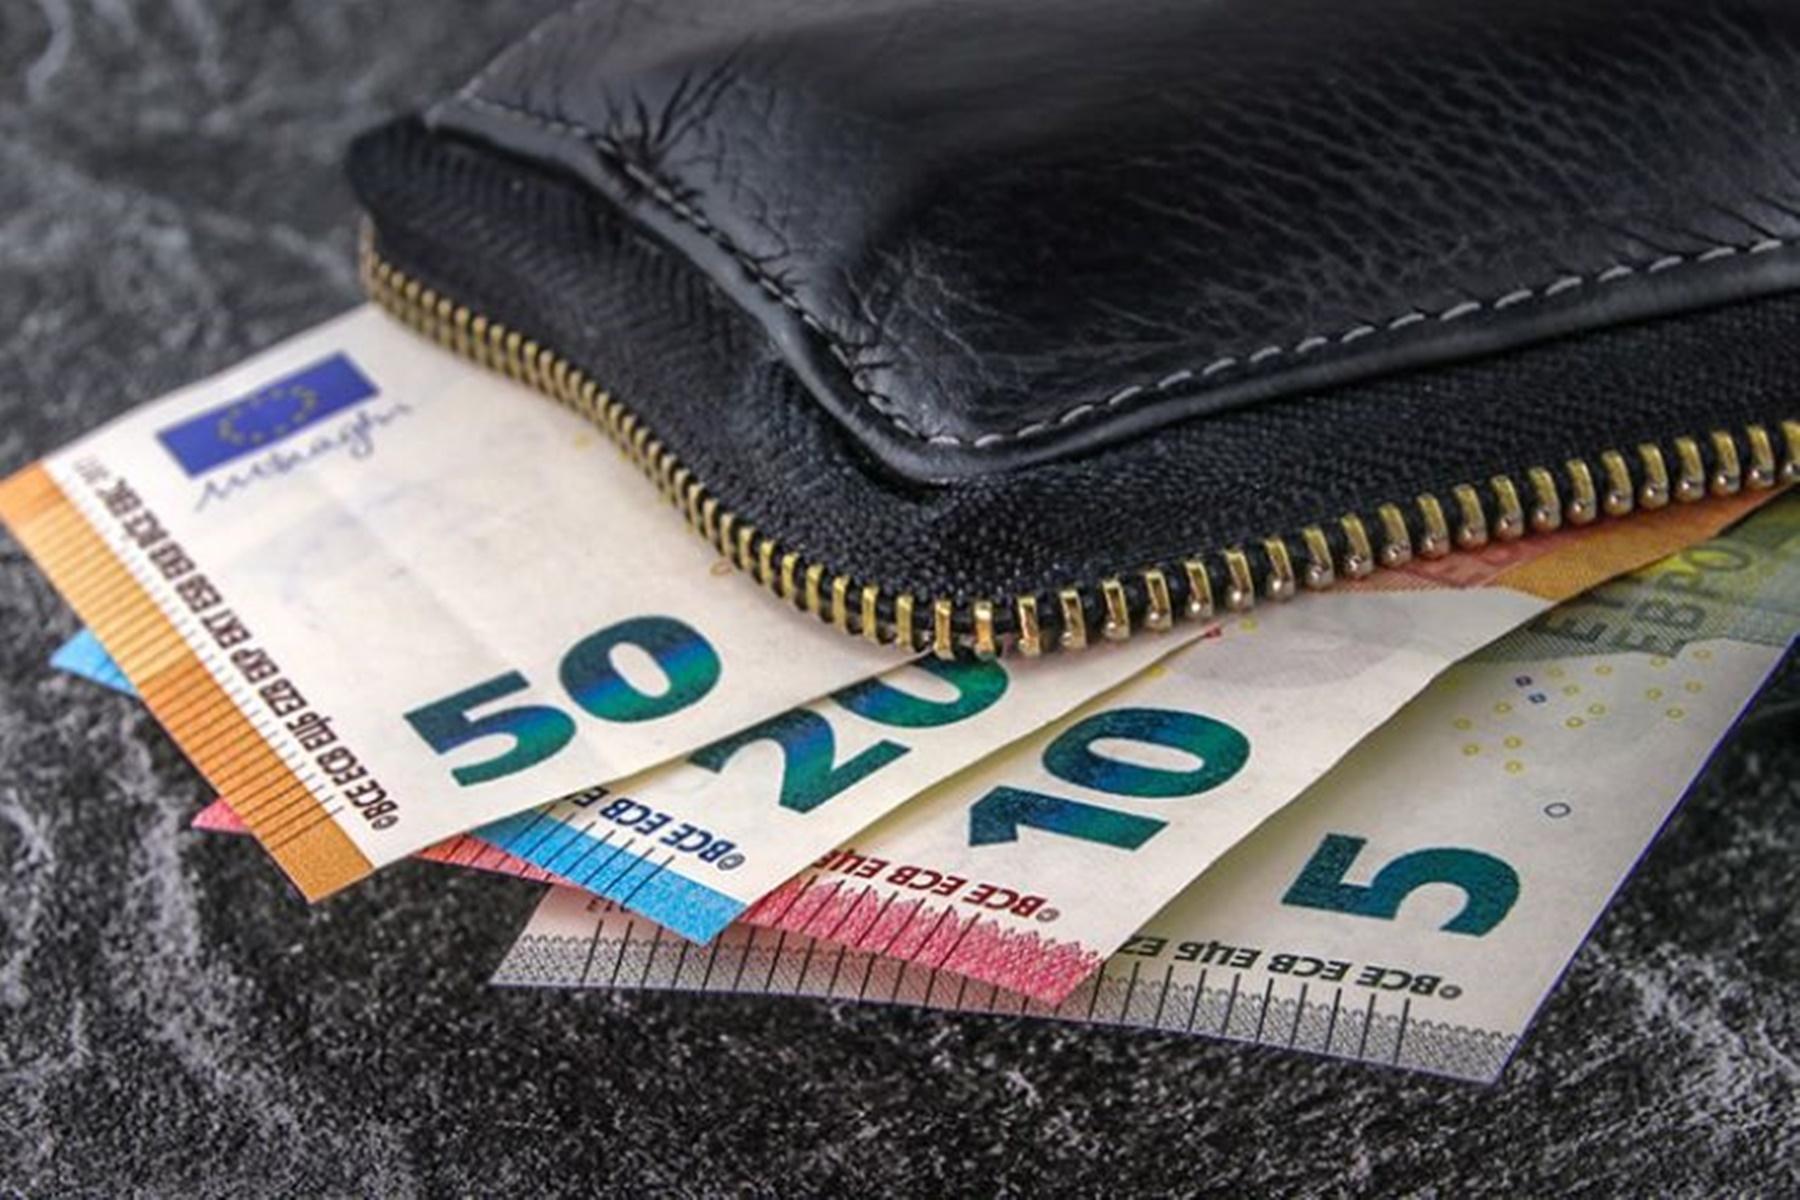 Επίδομα 400 ευρώ: Δείτε όλες τις αλλαγές